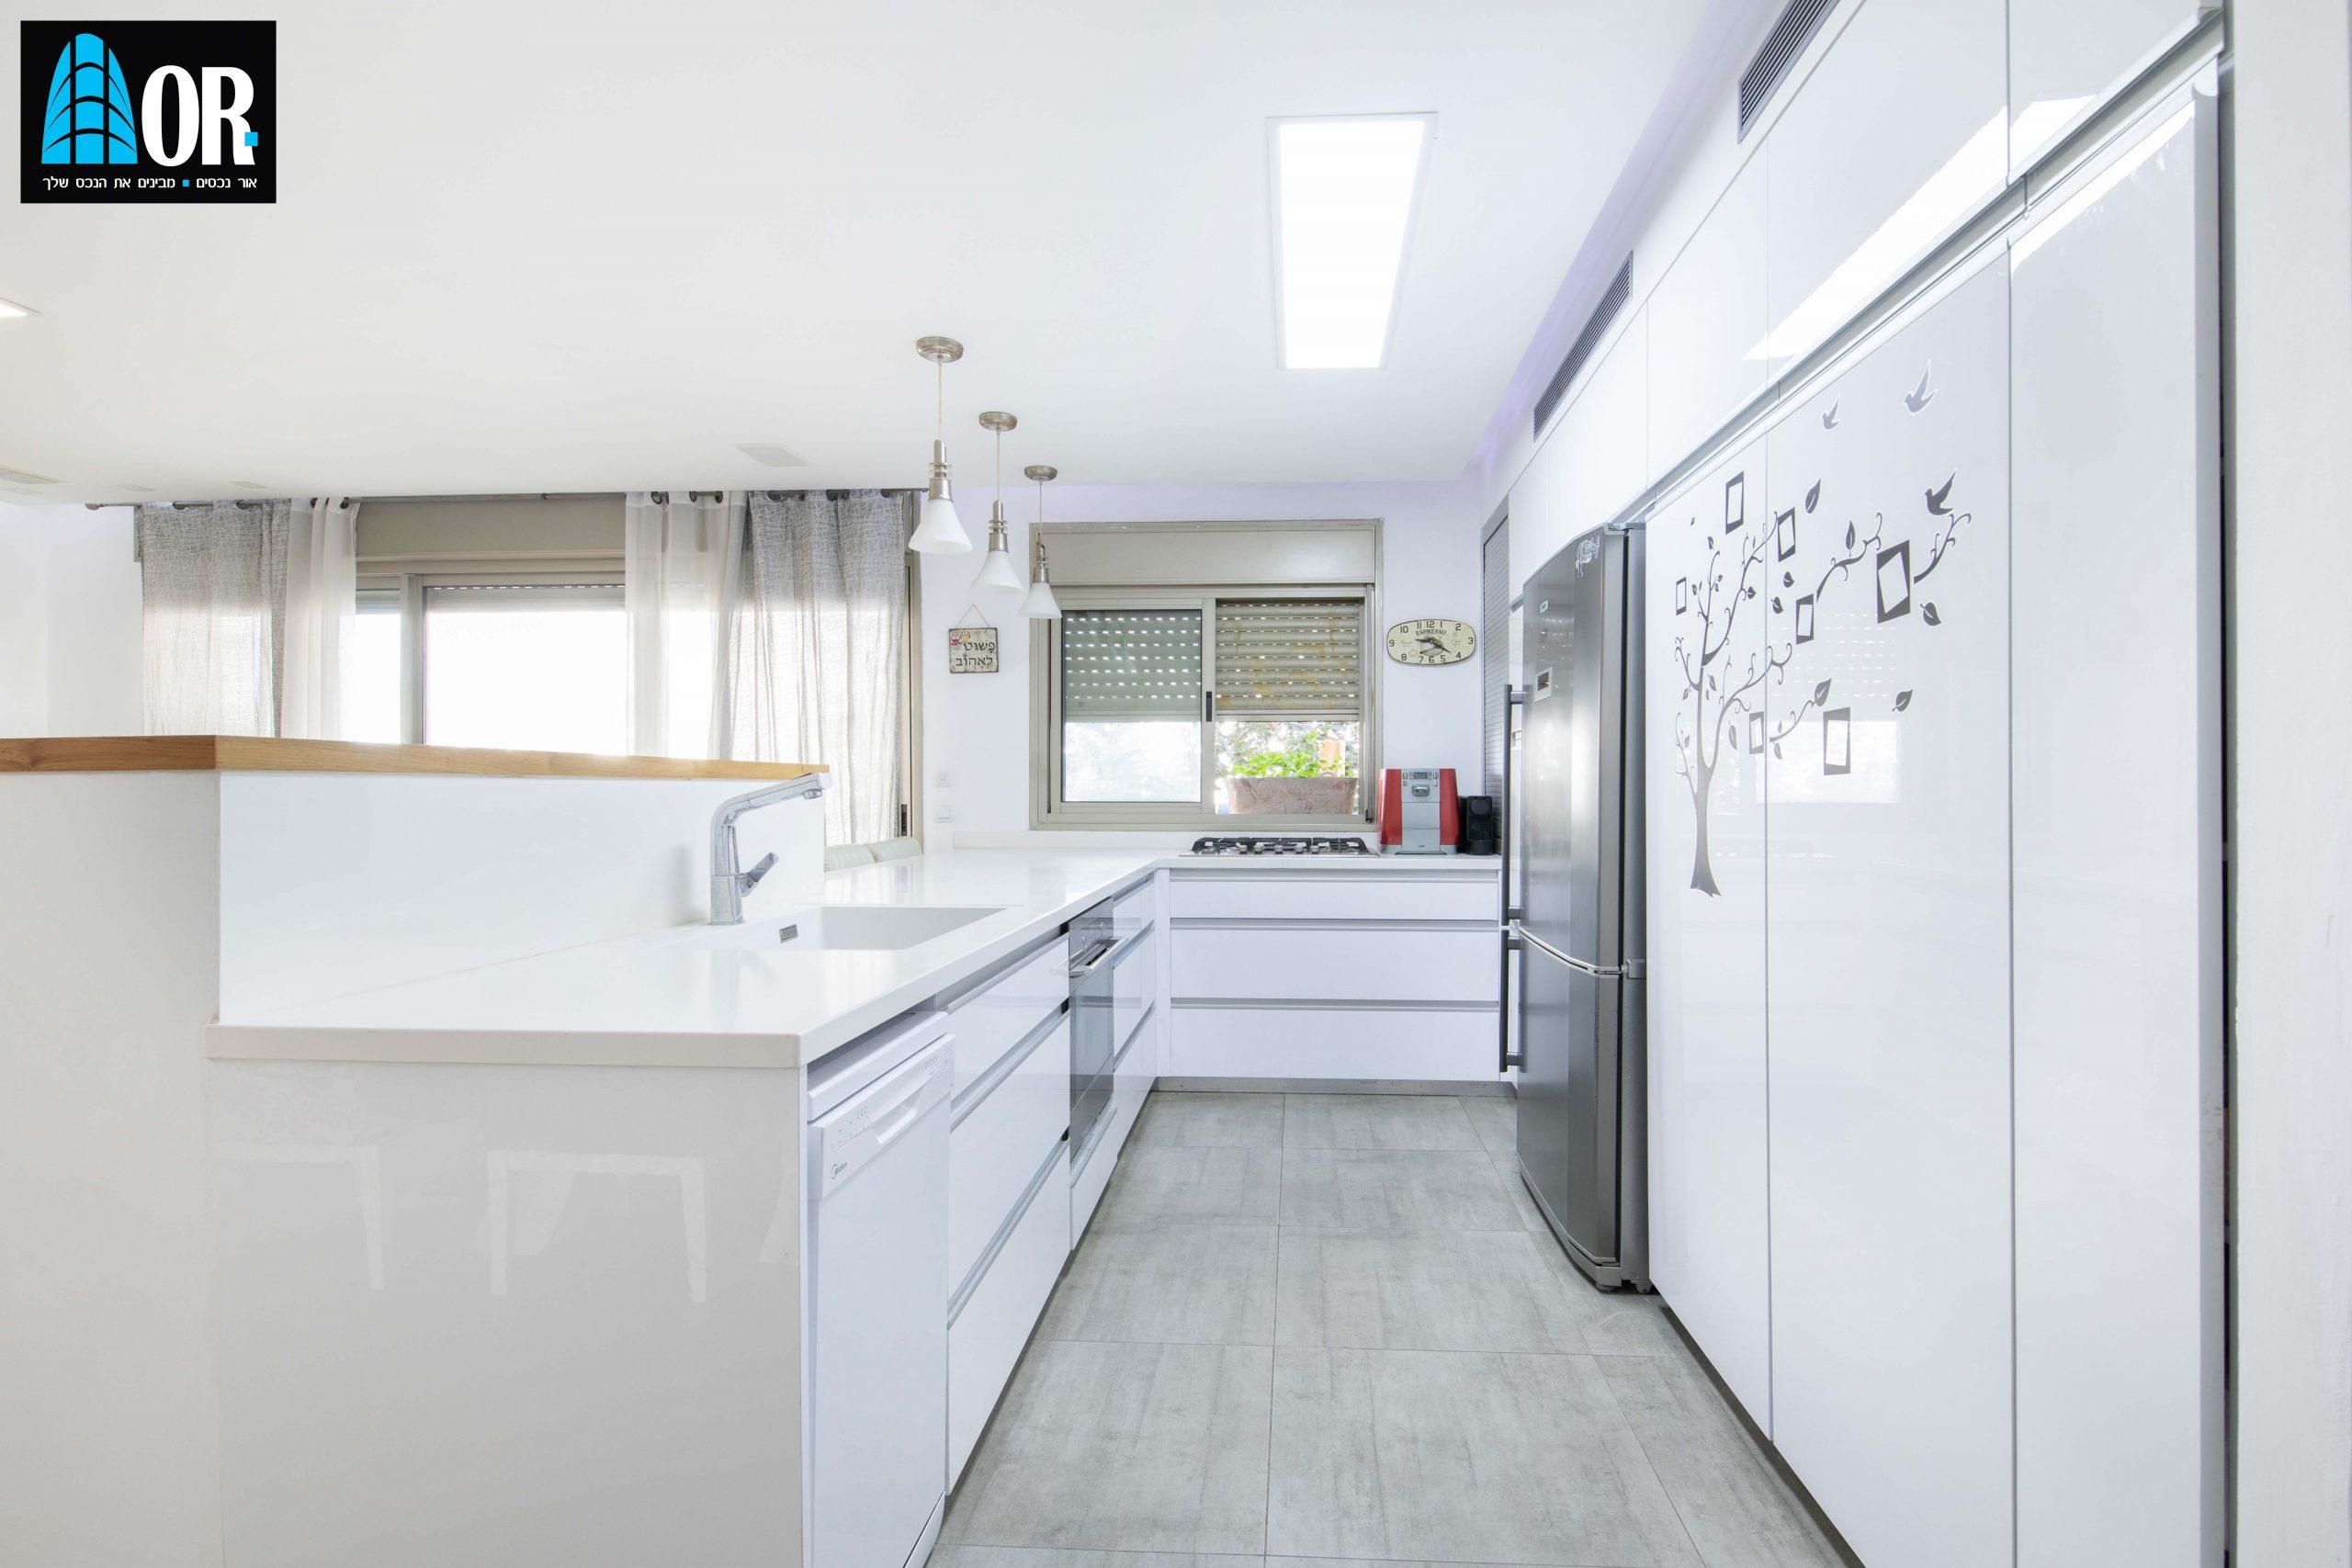 מטבח דירה 5 חדרים שכונה תלמי מנשה